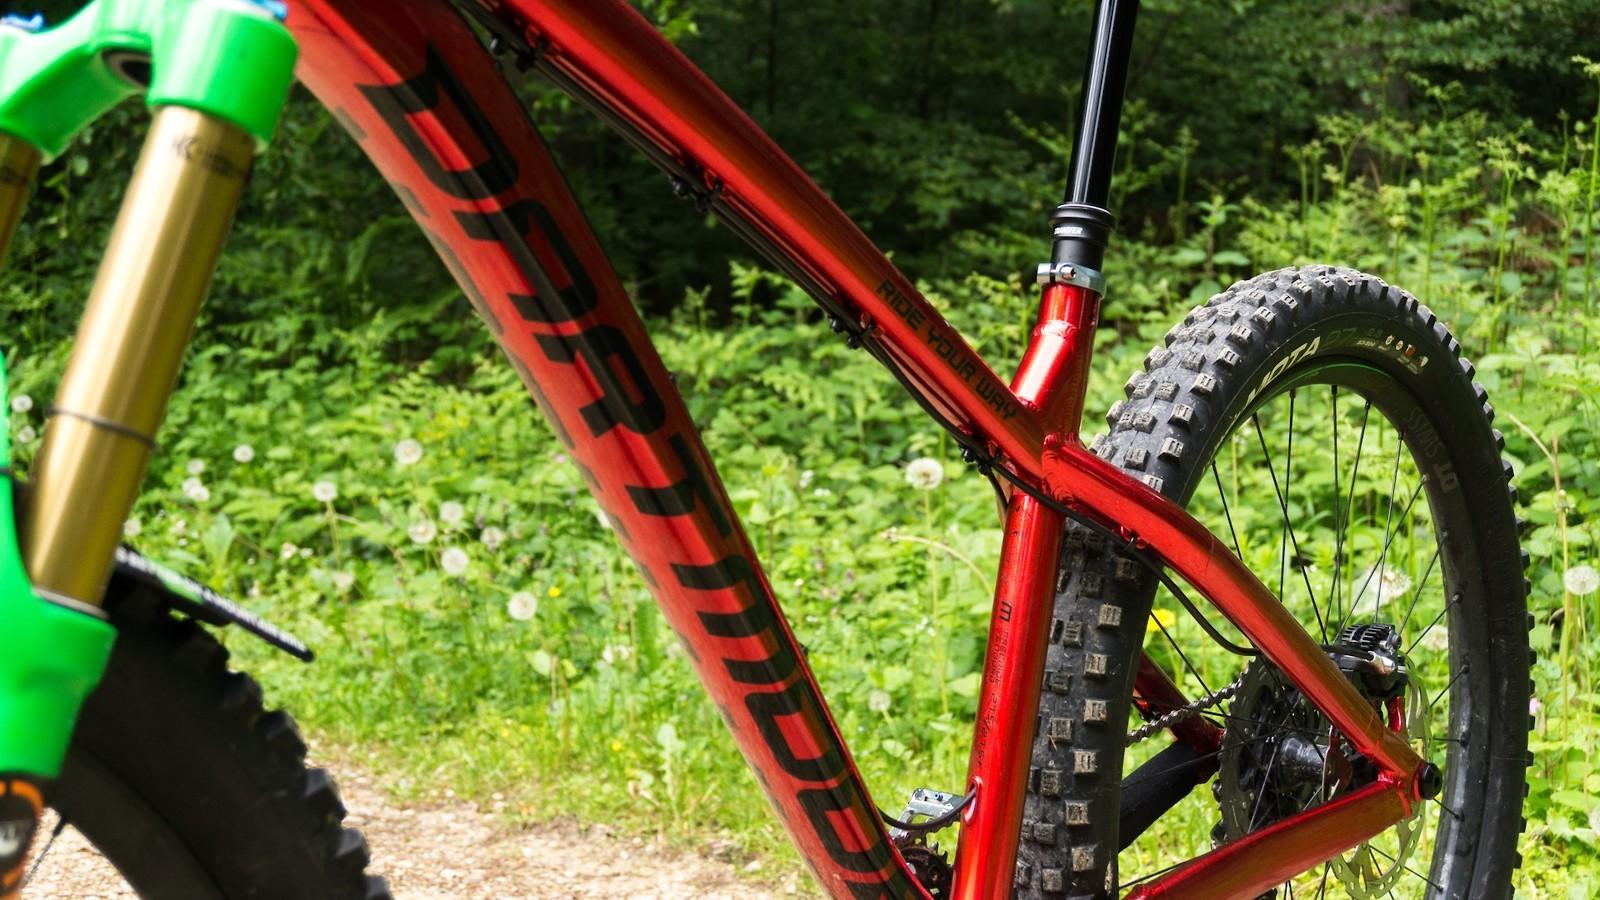 025 - allmountain.ch - Mountain Biking Pictures - Vital MTB